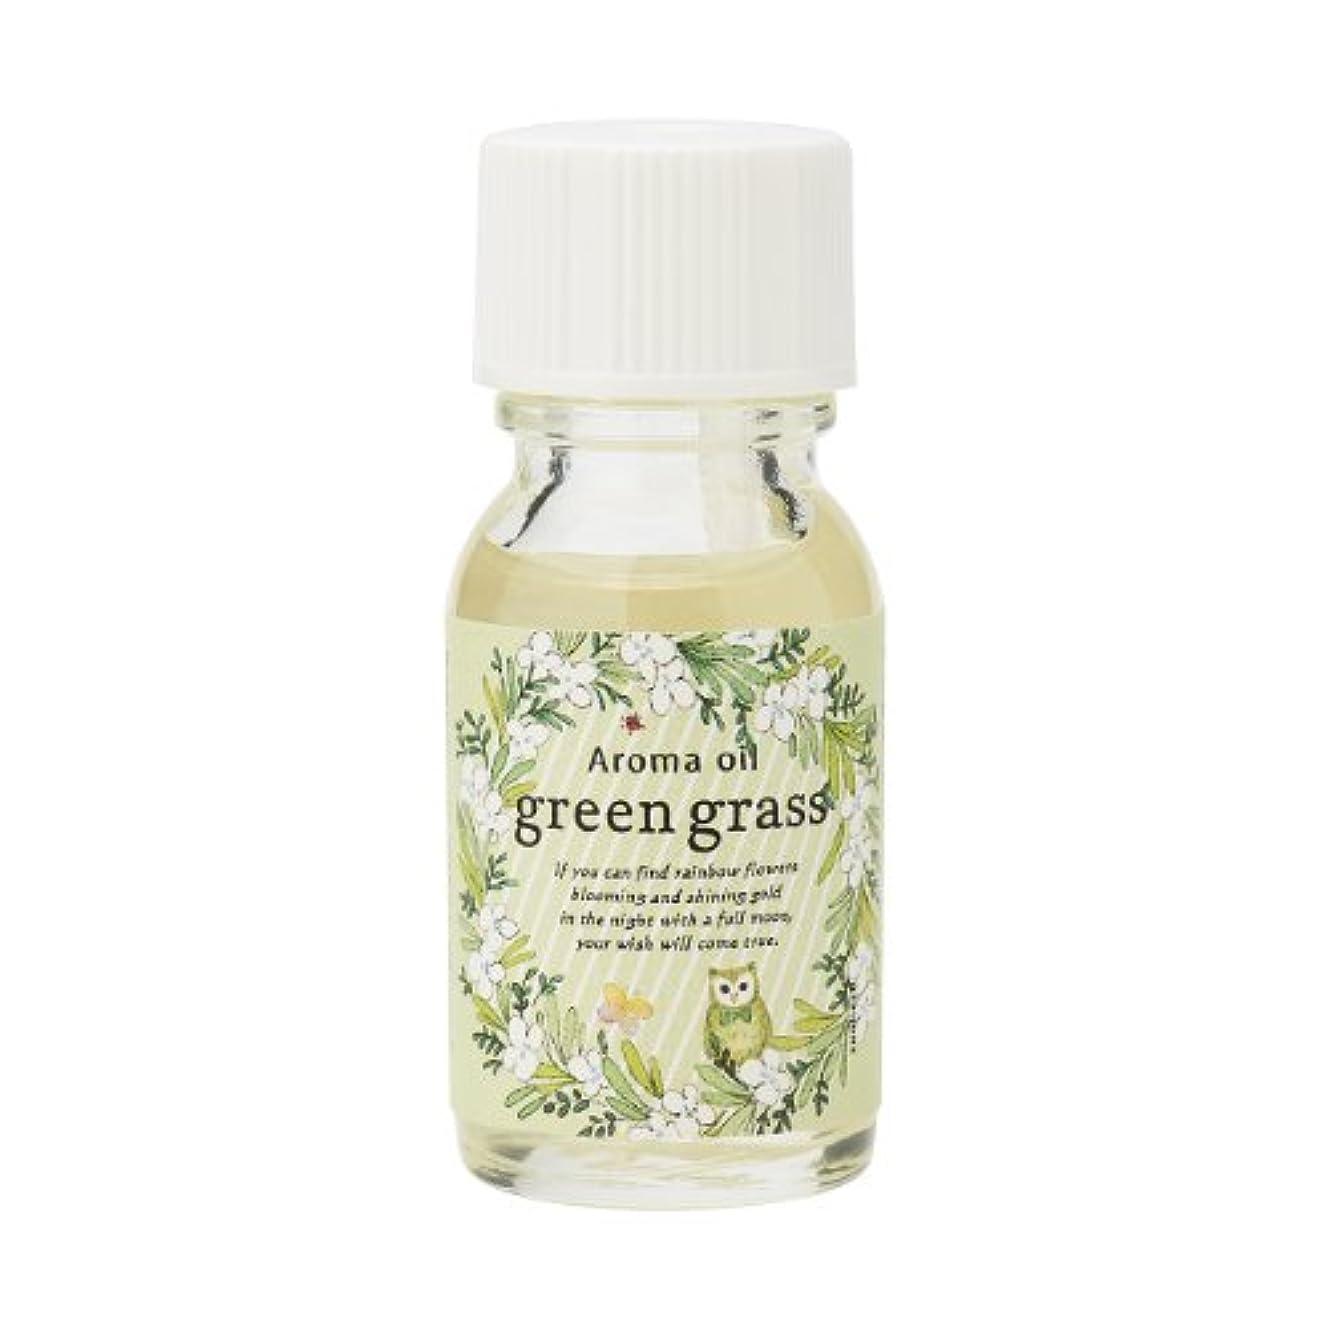 有益手荷物謙虚なサンハーブ アロマオイル グリーングラス 13ml(爽やかでちょっと大人の香り)